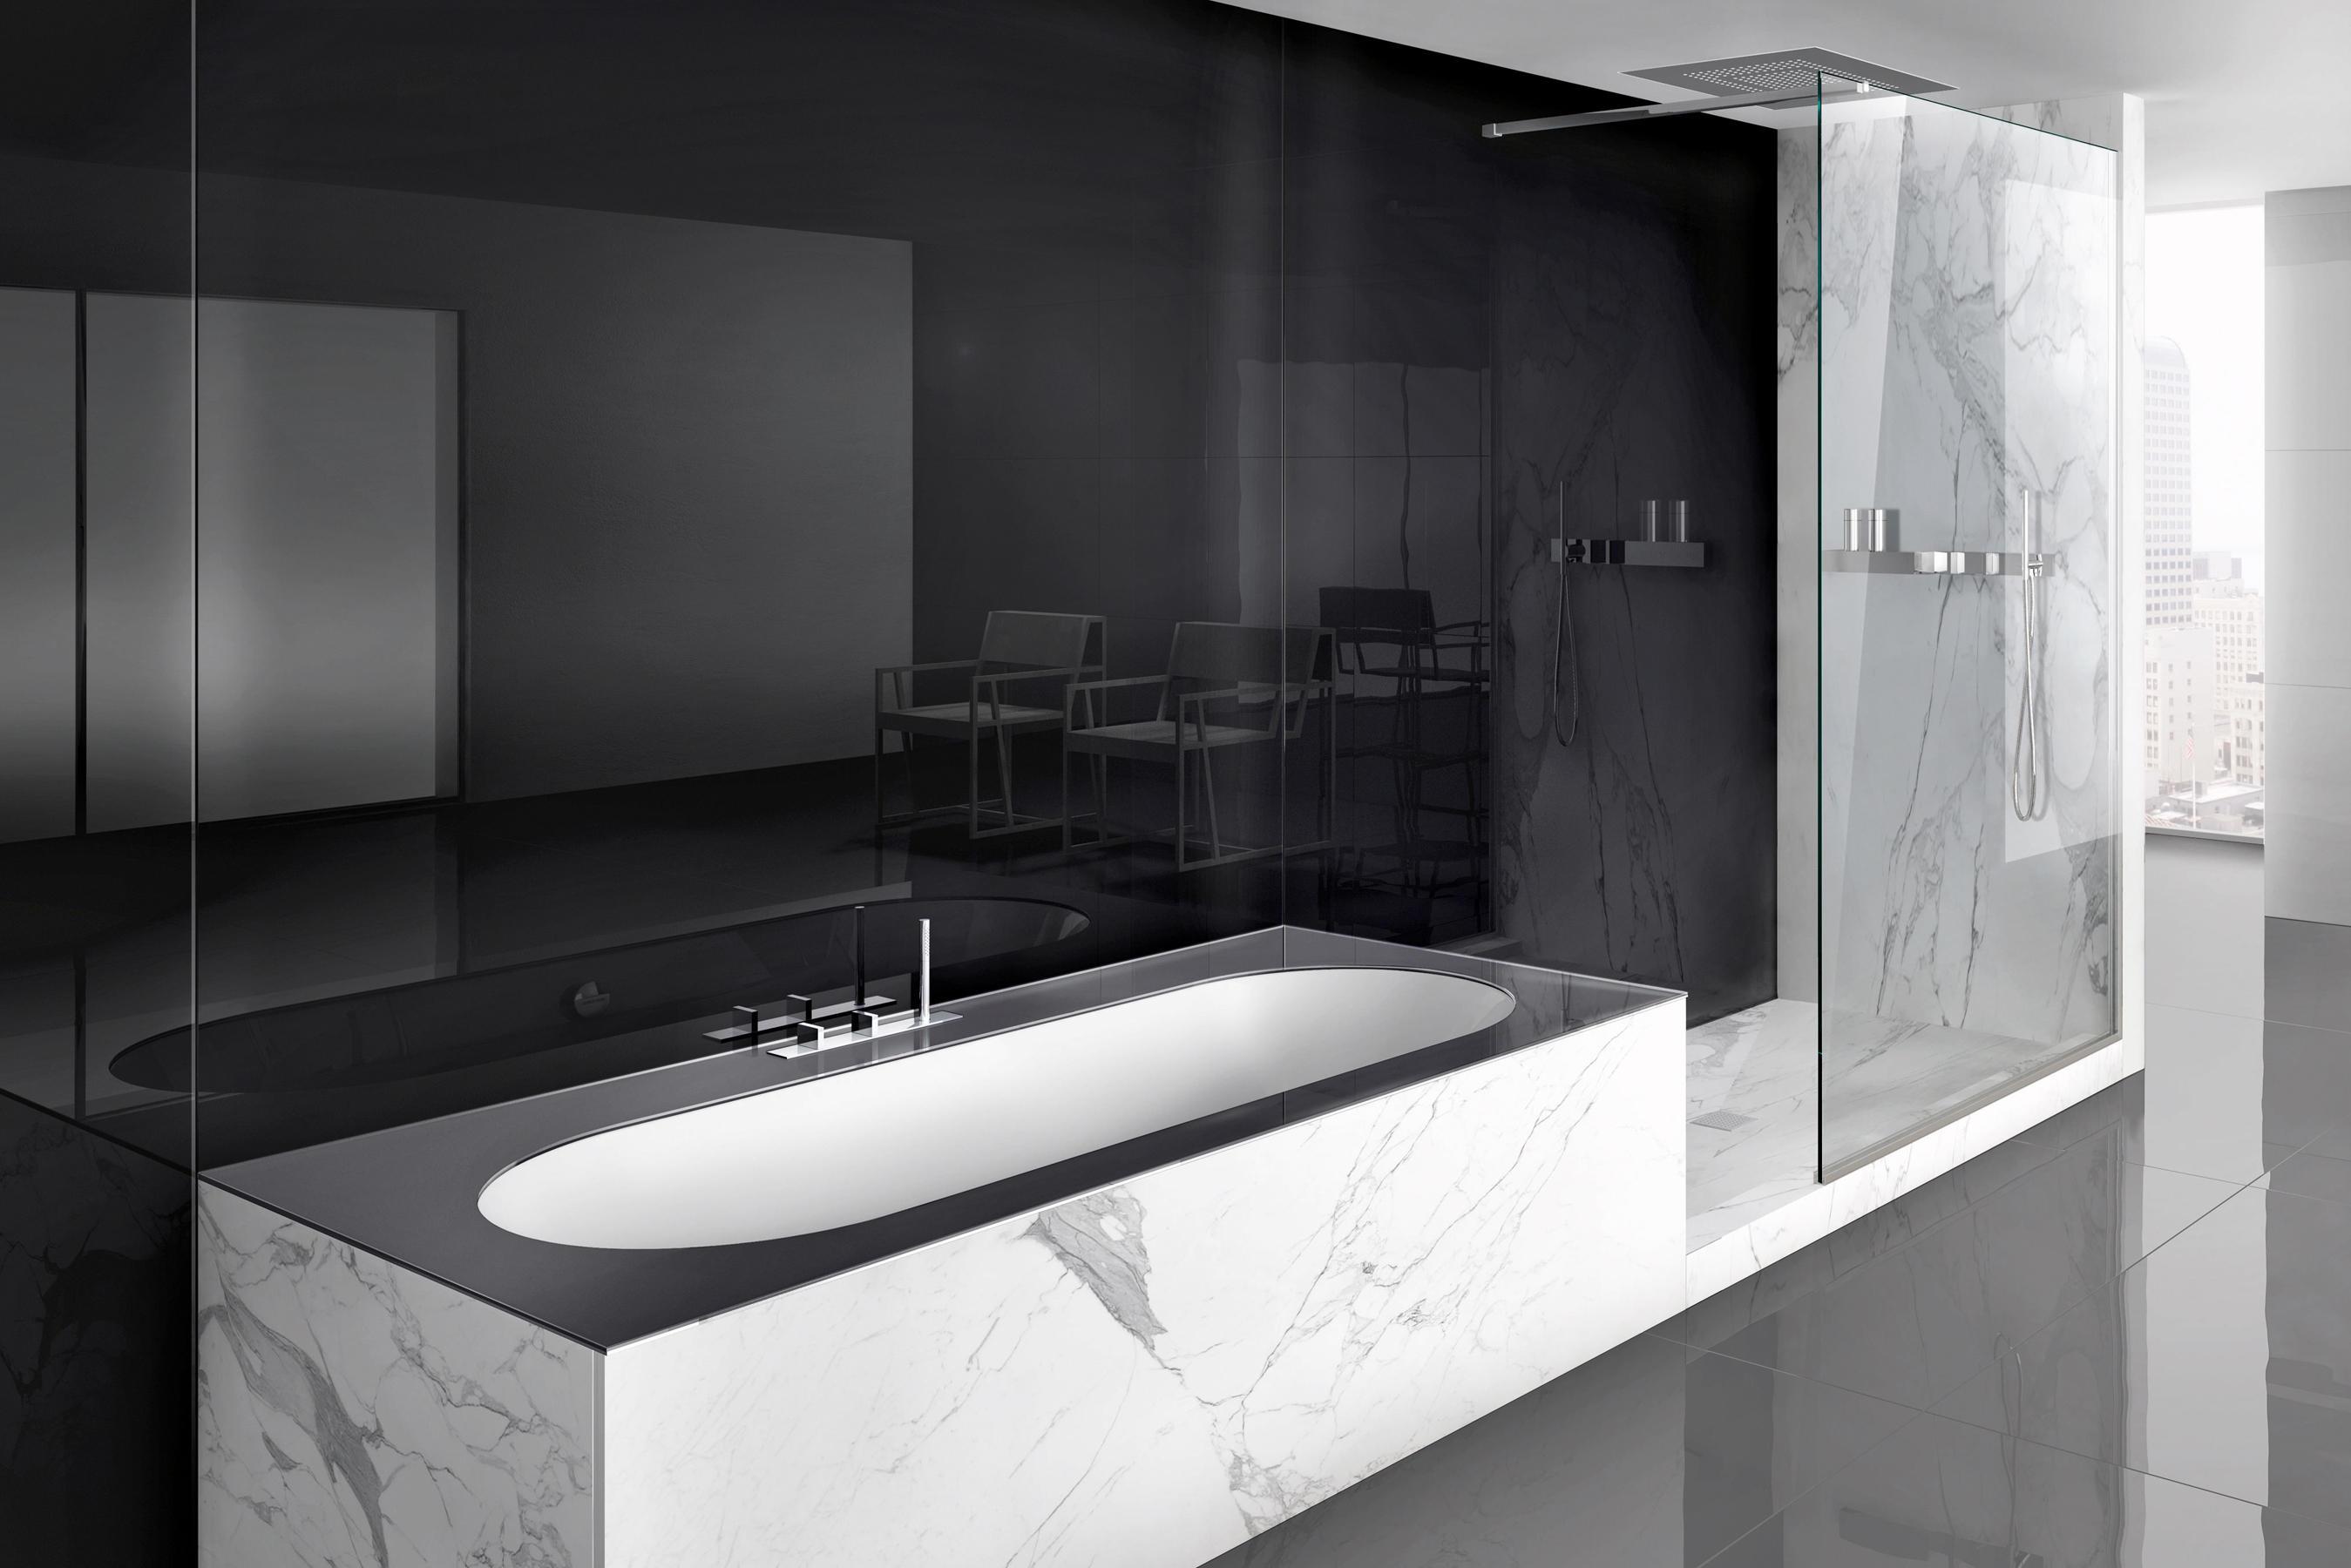 Vasca doccia lineare di makro with vasca doccia - Combinato vasca doccia ...